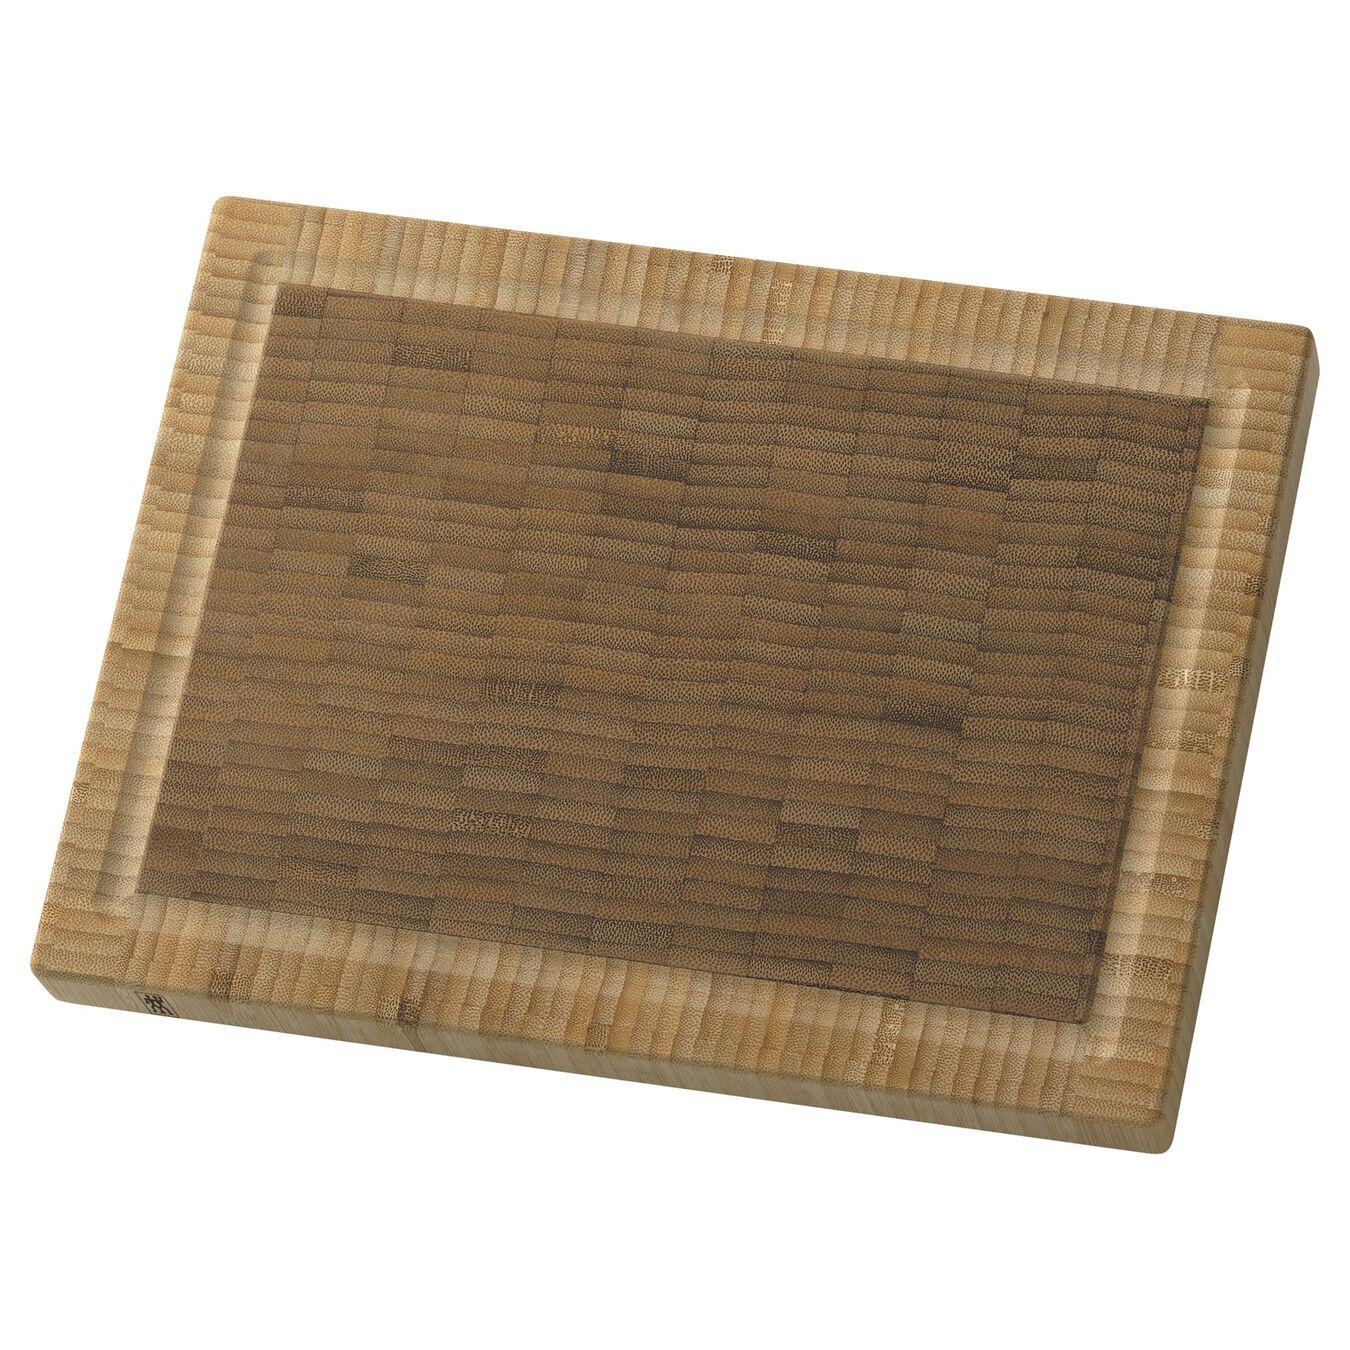 Planche à découper 25 cm x 19 cm, Bambou,,large 4